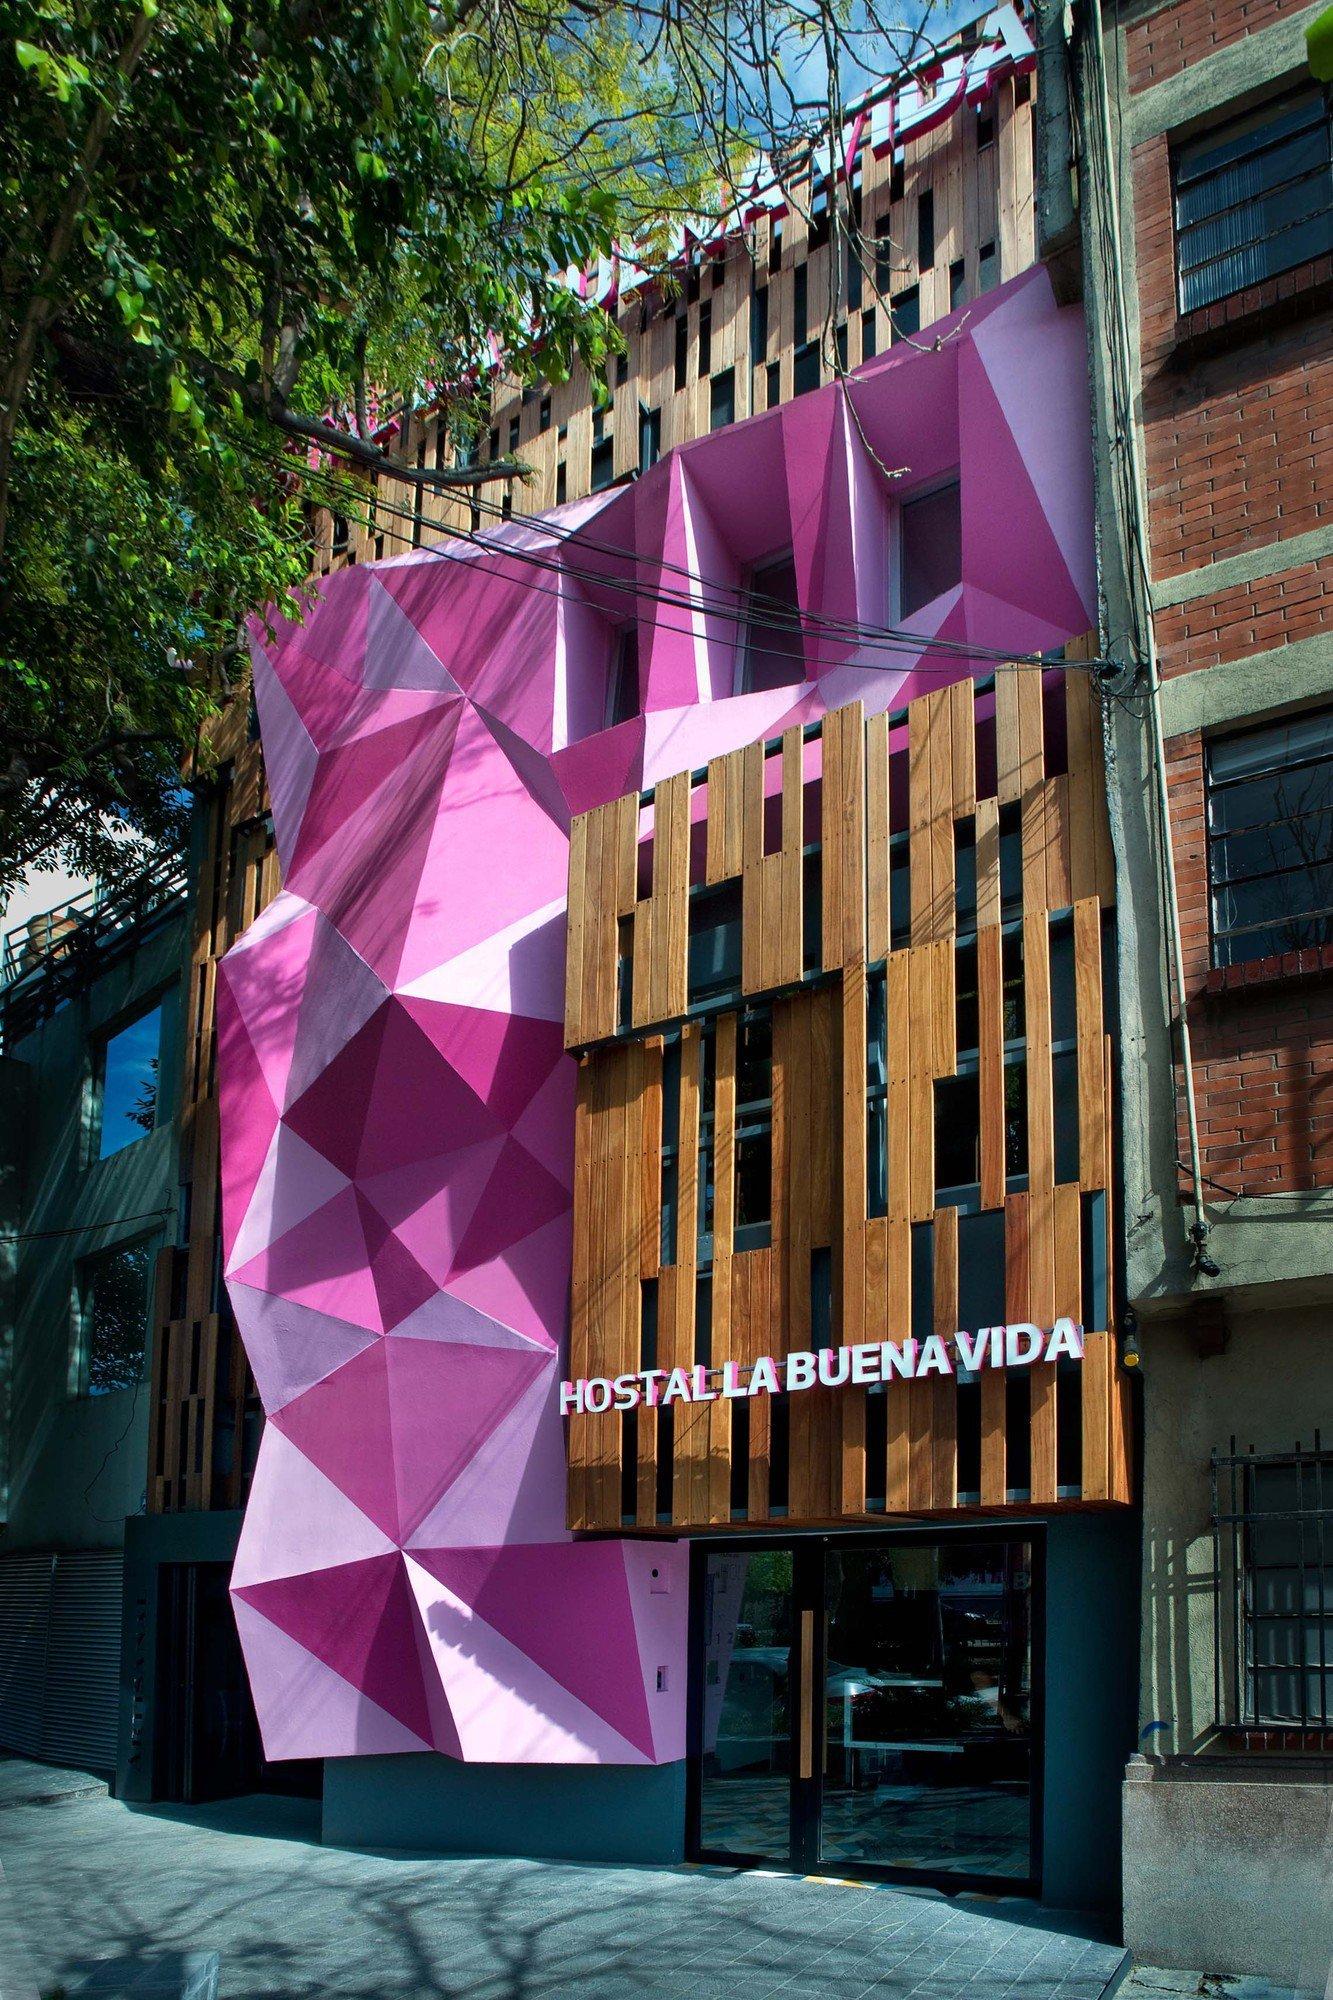 hostel la buena vida arco arquitectura contempor nea